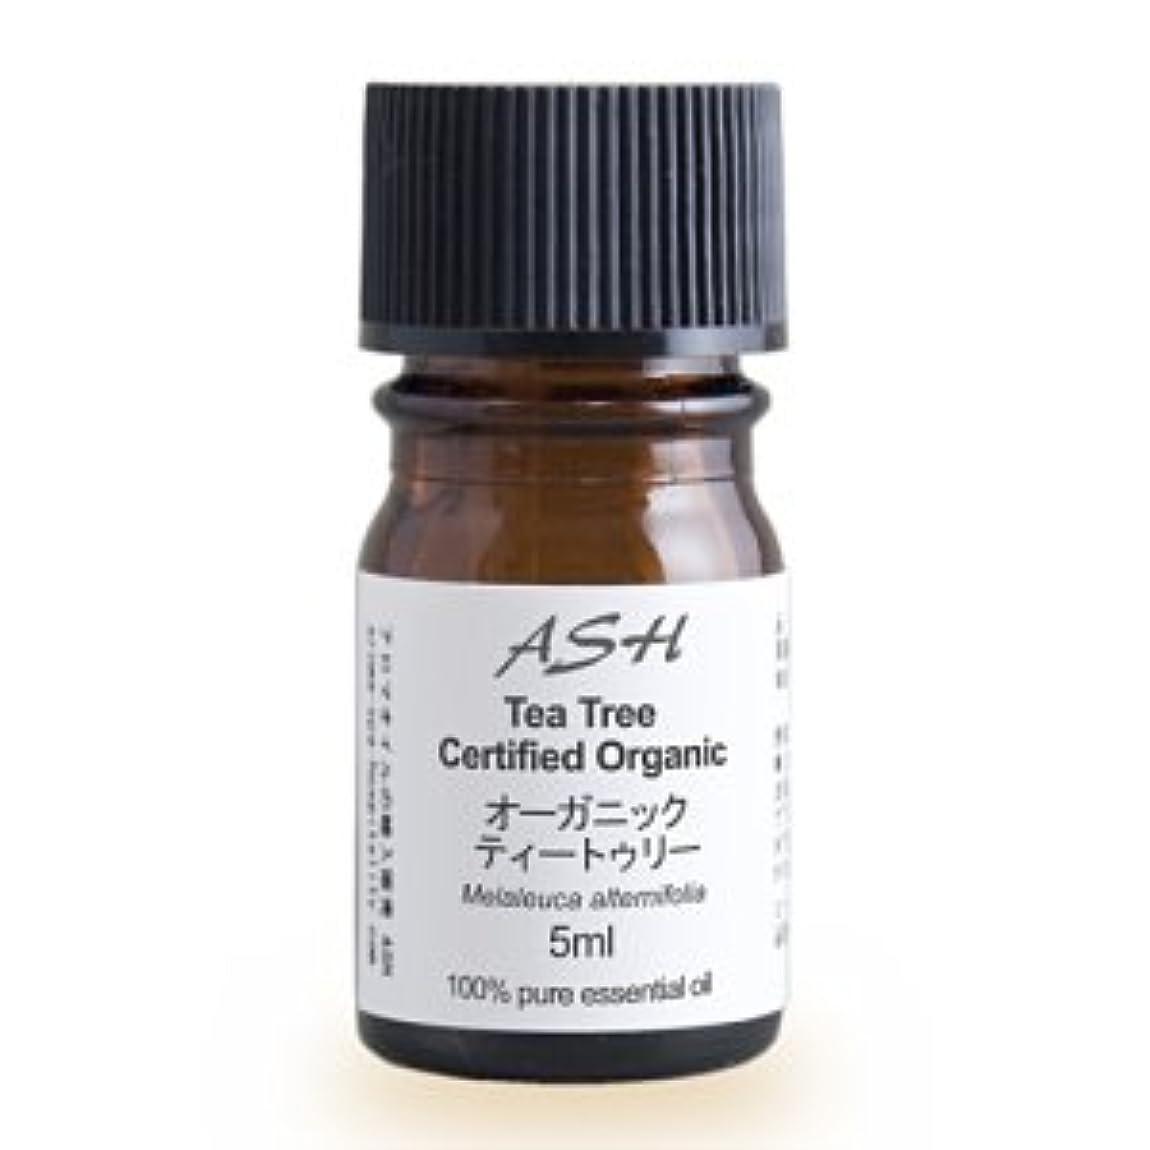 寝室を掃除する適用する着服ASH オーガニック ティートゥリー (ティーツリー) エッセンシャルオイル 5ml AEAJ表示基準適合認定精油